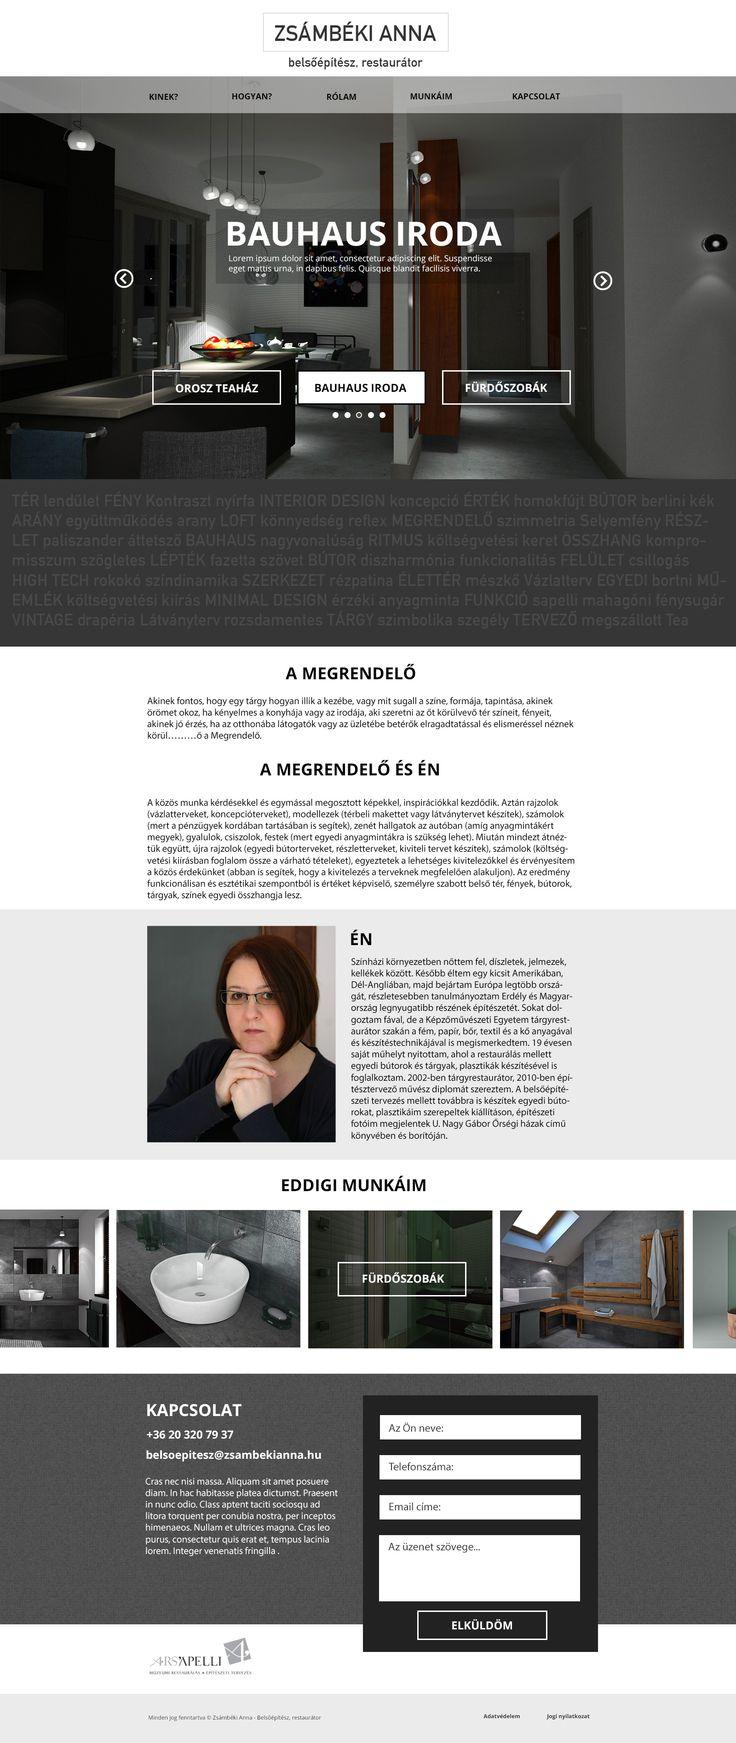 Tóth H. Zsuzsanna, senior webdesigner http://awebdesigner.hu/